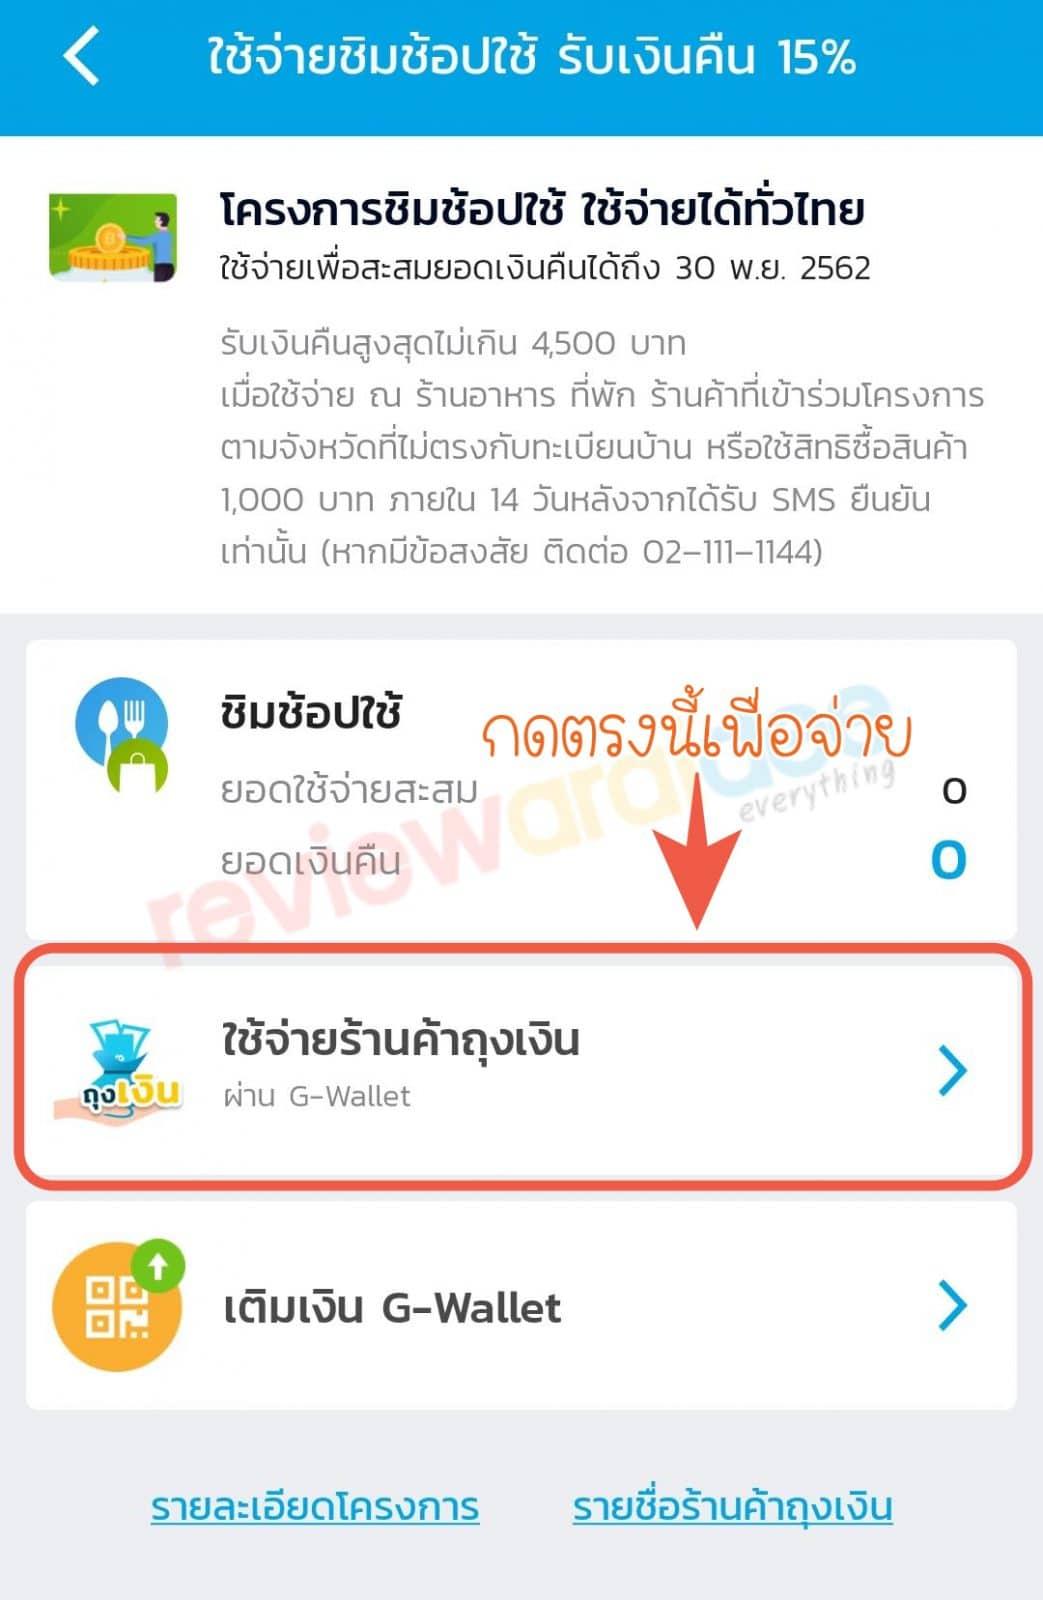 [แนะนำ] วิธีใช้งานแอปเป๋าตังกระเป๋าเงินใบที่ 2 G-Wallet ได้รับเงินคืน 15% สูงสุดไม่เกิน 4500 บาท